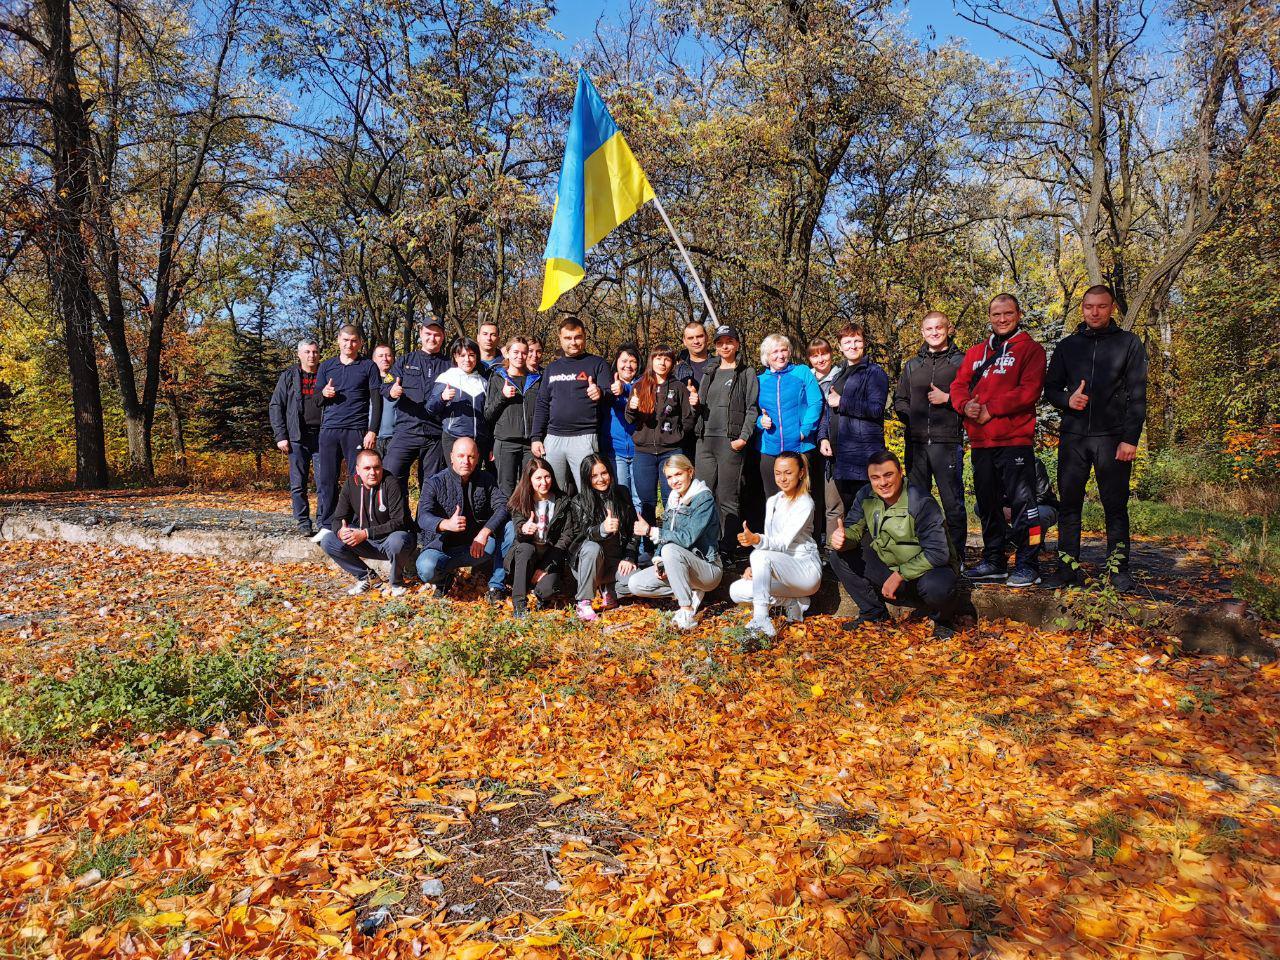 Правоохоронці Покровської оперативної зони взяли участь у марафоні до Дня захисника України, фото-8